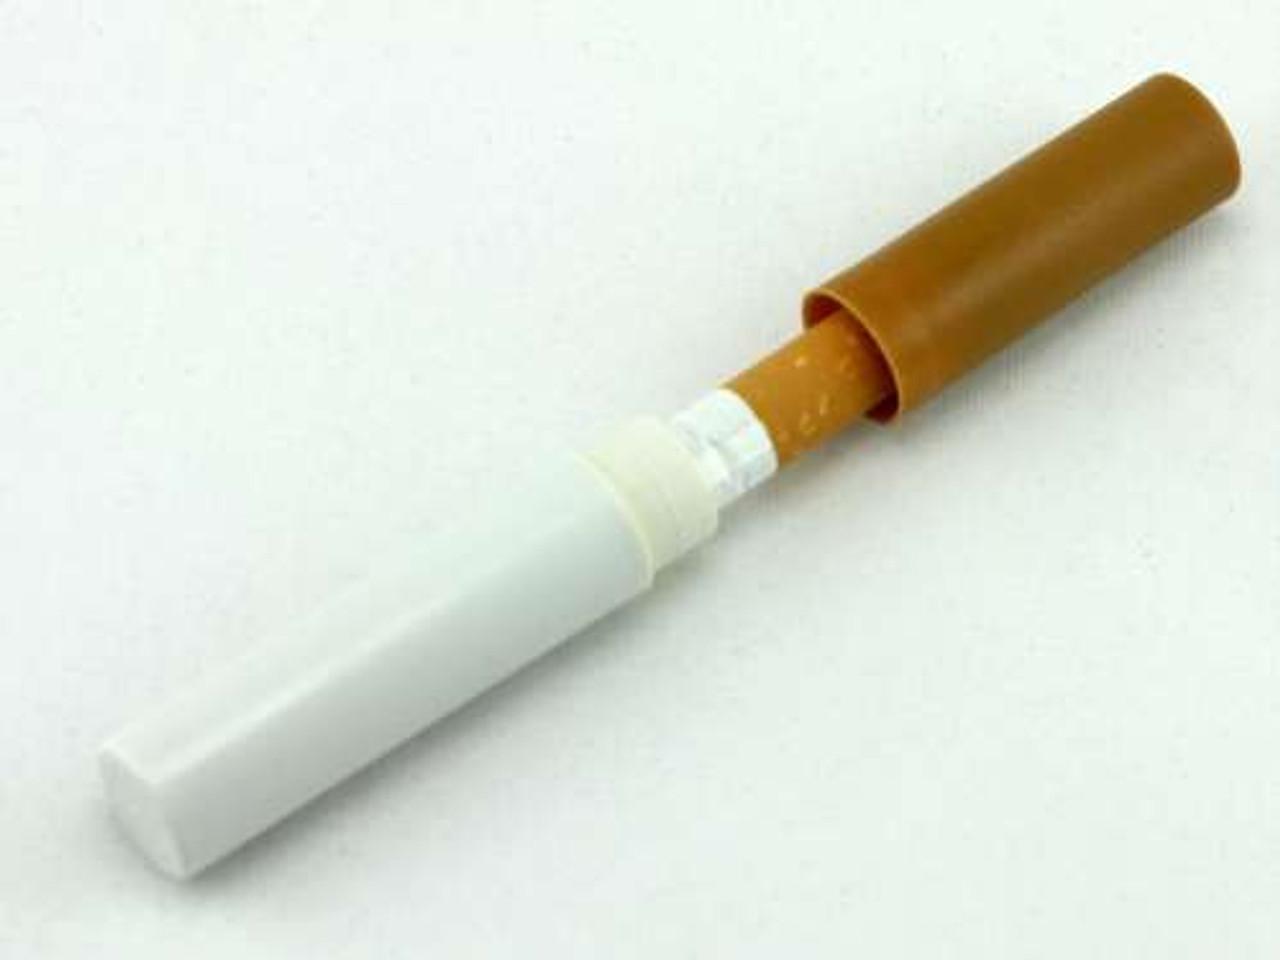 Cig Jig Cigarette Saver